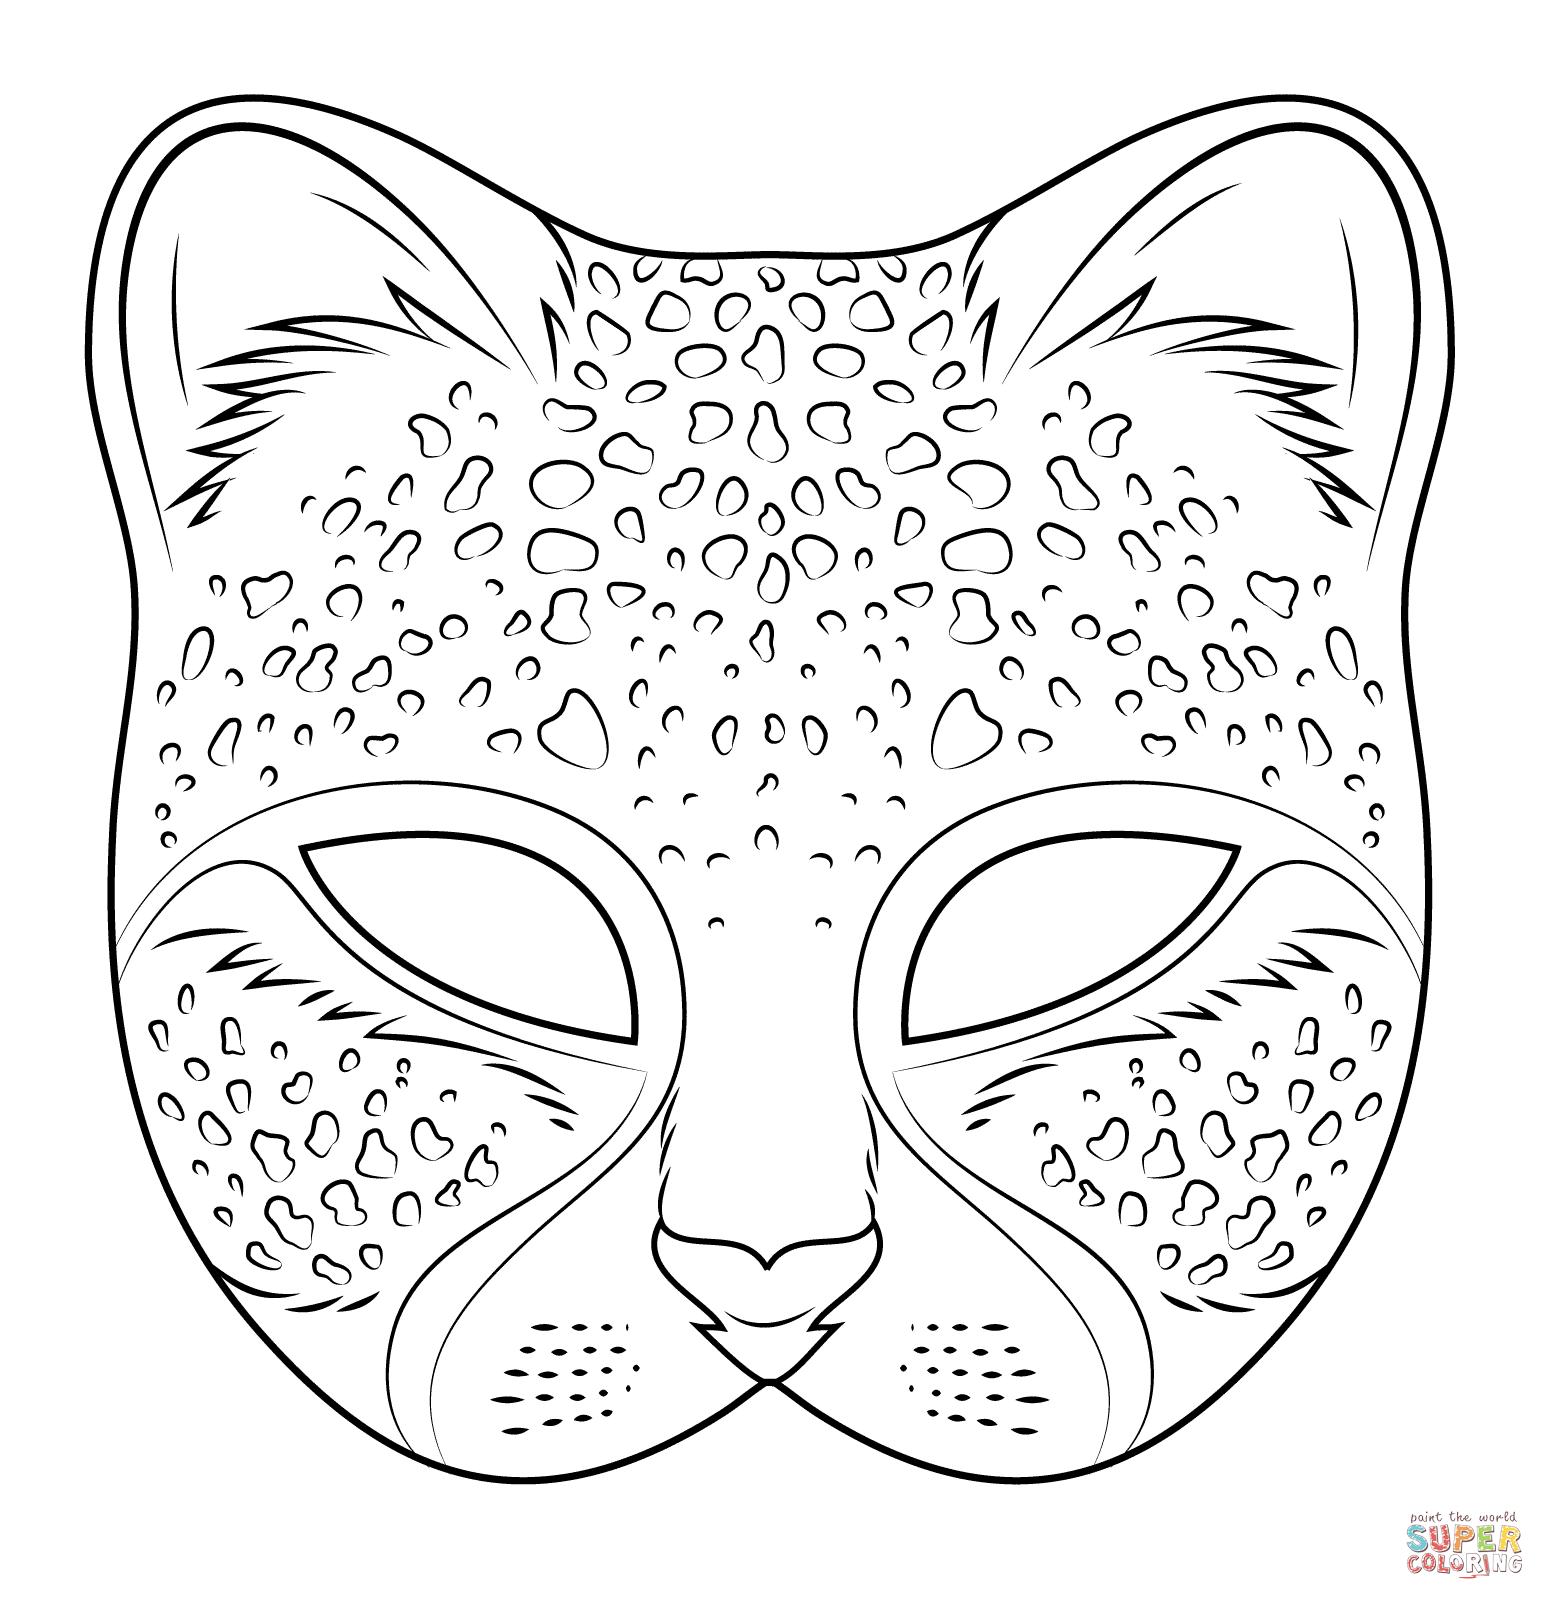 Cheetah Mask Coloring Page Ausmalbilder Tiere Lowen Malvorlagen Ausmalbilder